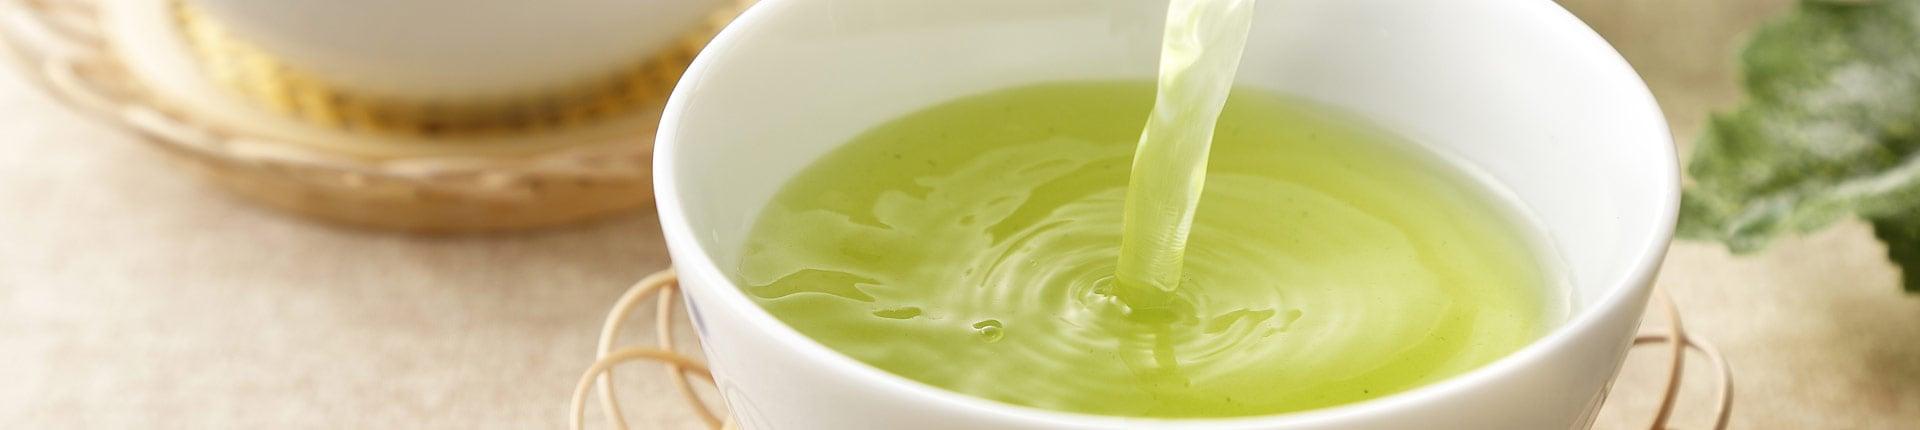 Zielona herbata może być niebezpieczna dla wątroby?